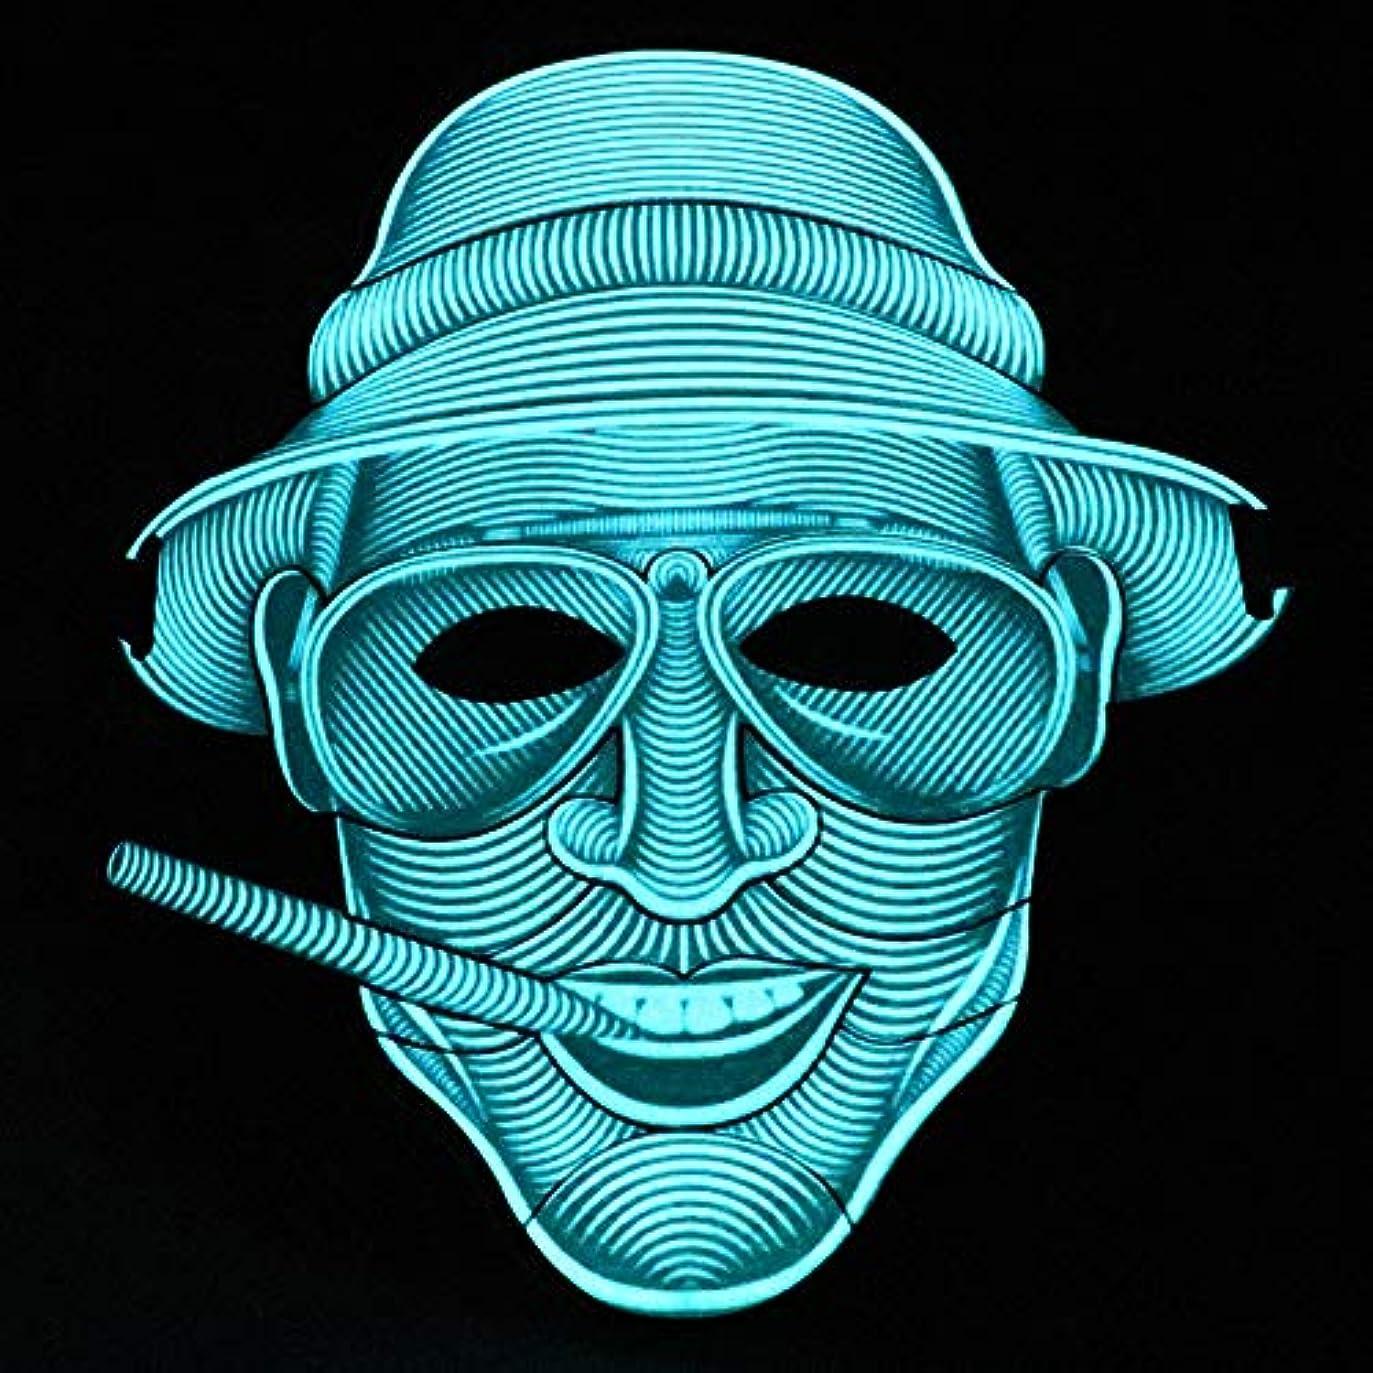 正午の量仕事に行く照らされたマスクLED創造的な冷光音響制御マスクハロウィンバーフェスティバルダンスマスク (Color : #20)